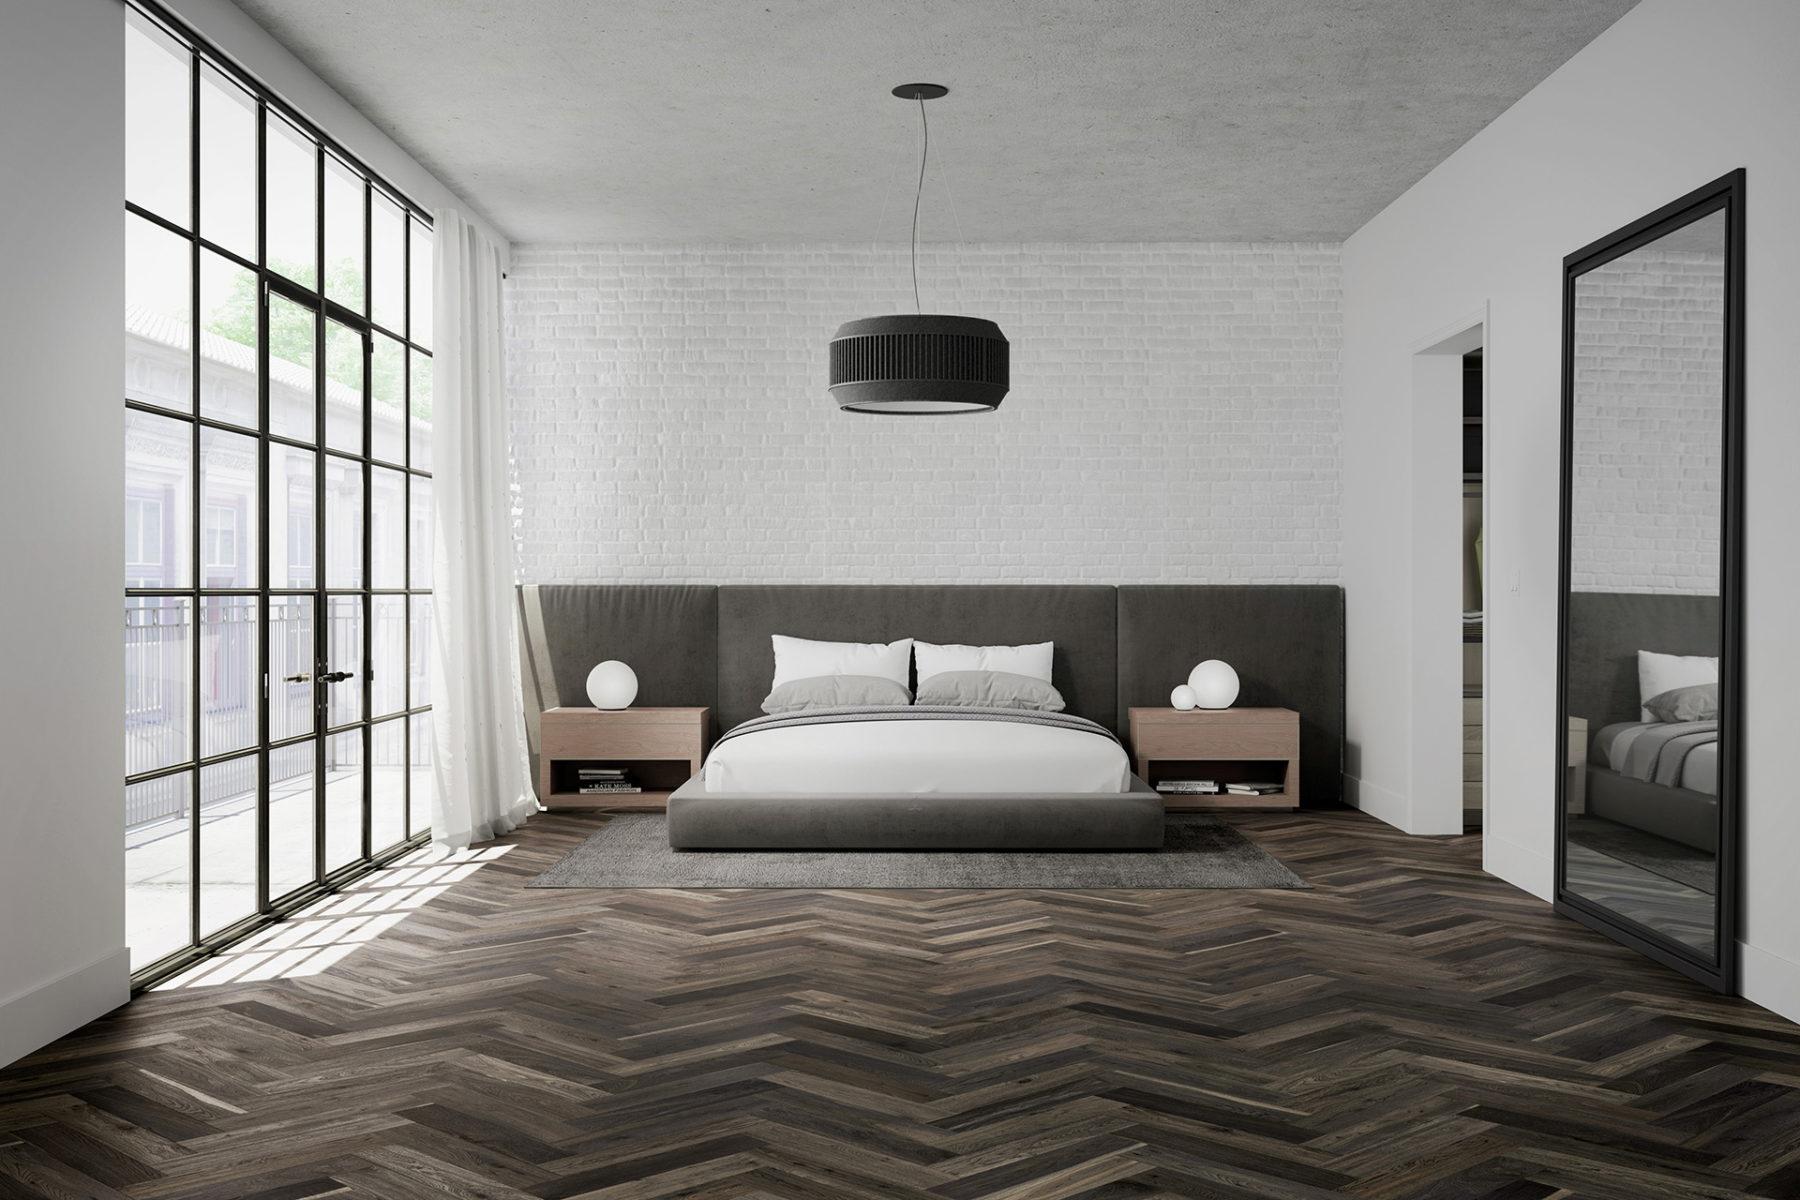 photorealism studio modern floor design